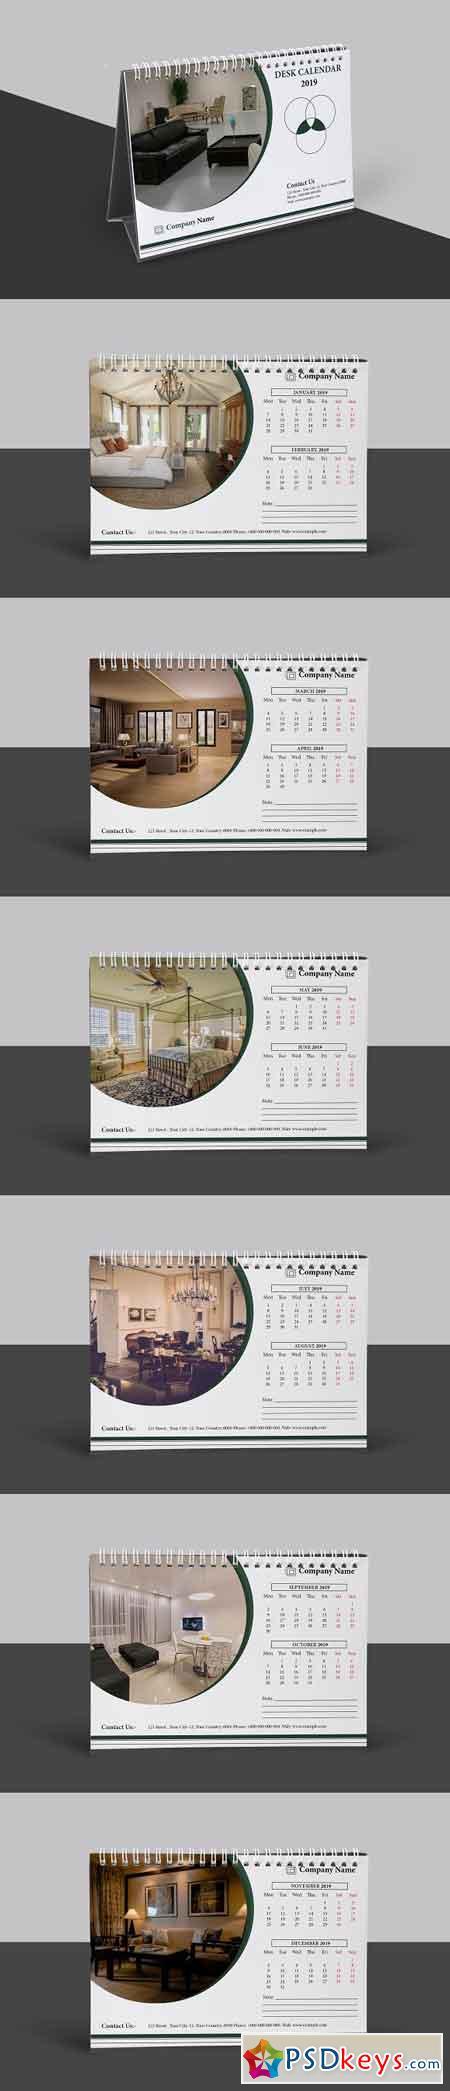 Desk Calendar 2019 3206969